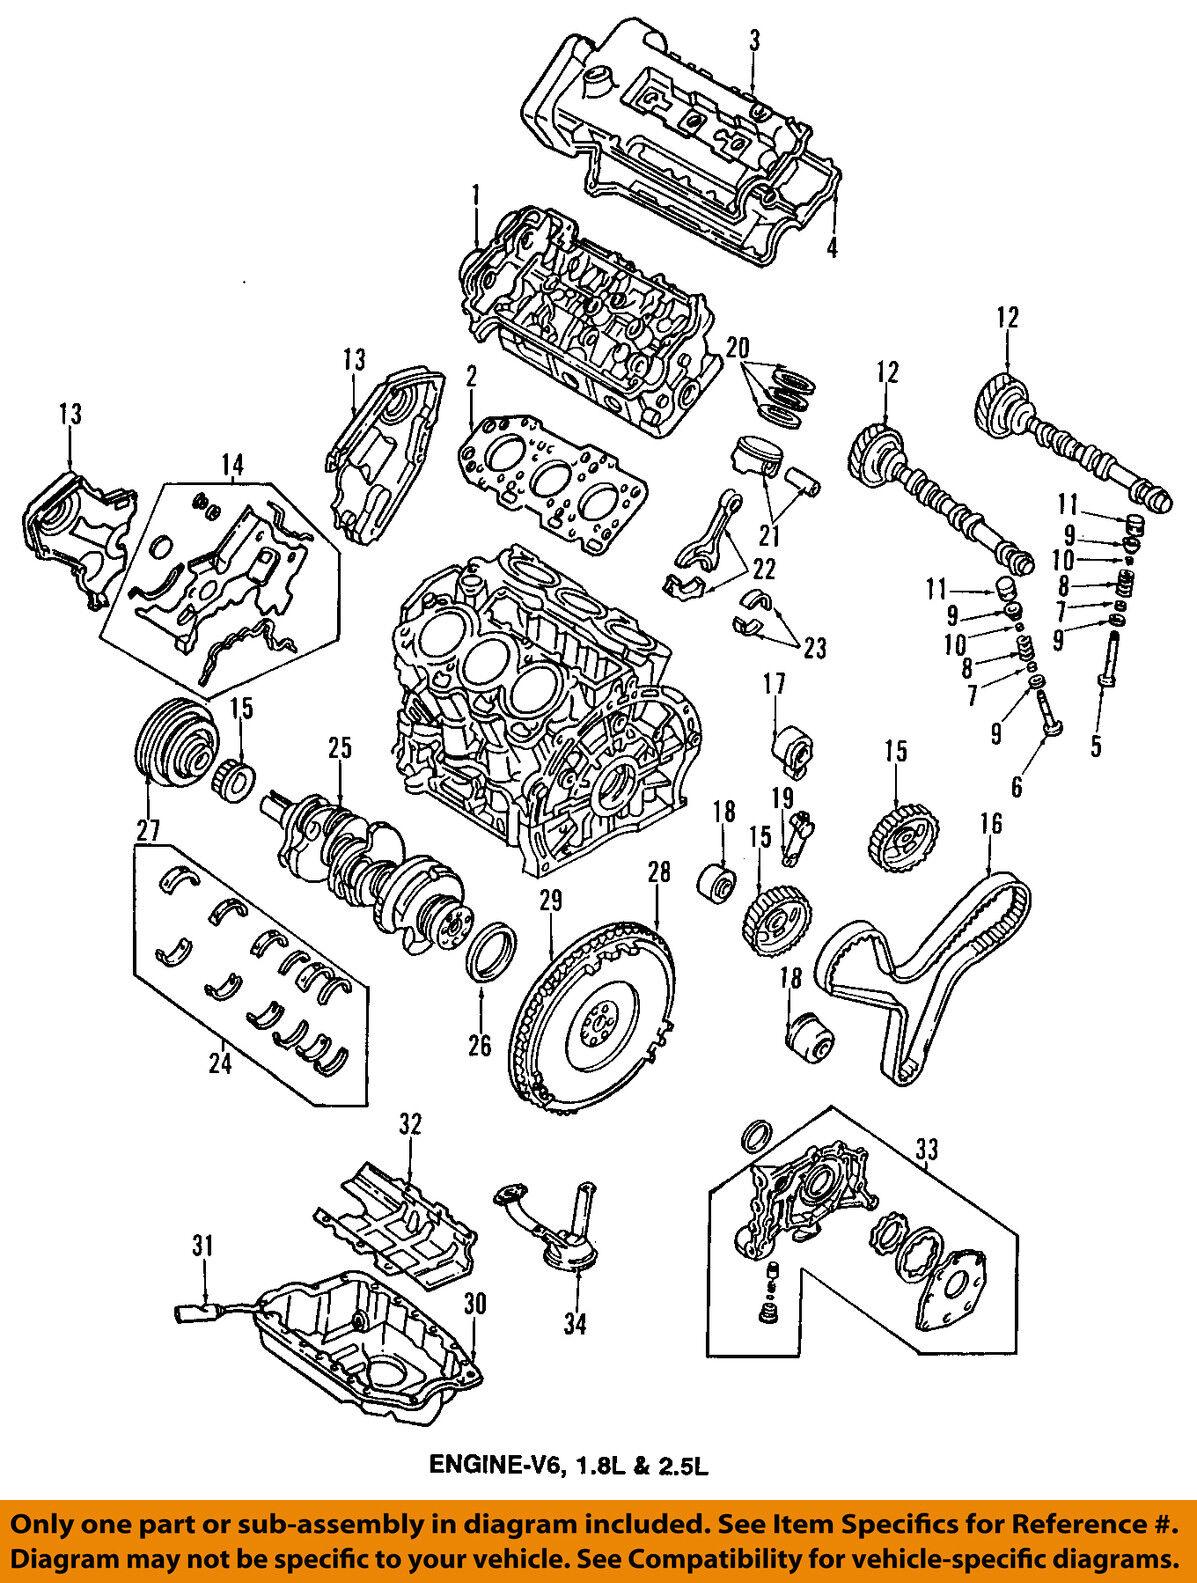 Mazda Kl01122059u Genuine Oem Factory Original Timing Belt Ebay 2 5l Engine Diagram Norton Secured Powered By Verisign